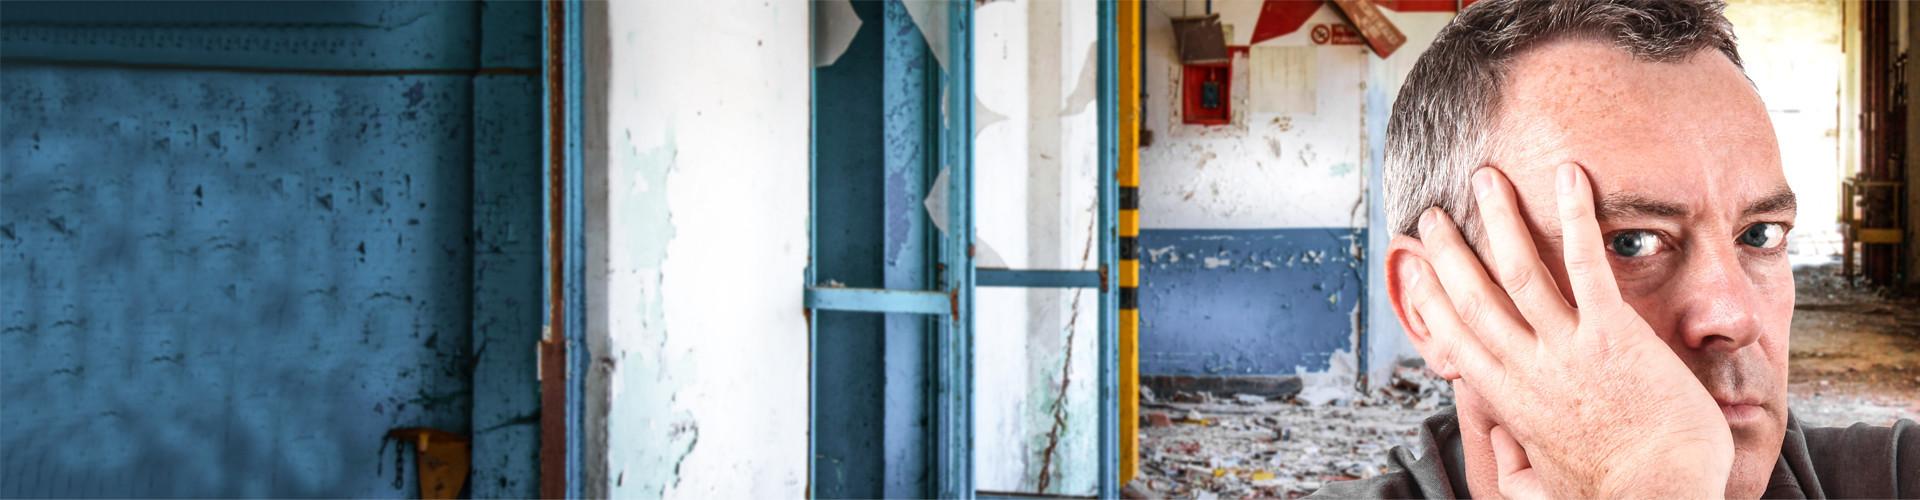 Ein Mann sitzt in einem heruntergekommenen Fabriksgebäude und blickt verzweifelt © Giuseppe Porzani, stock.adobe.com